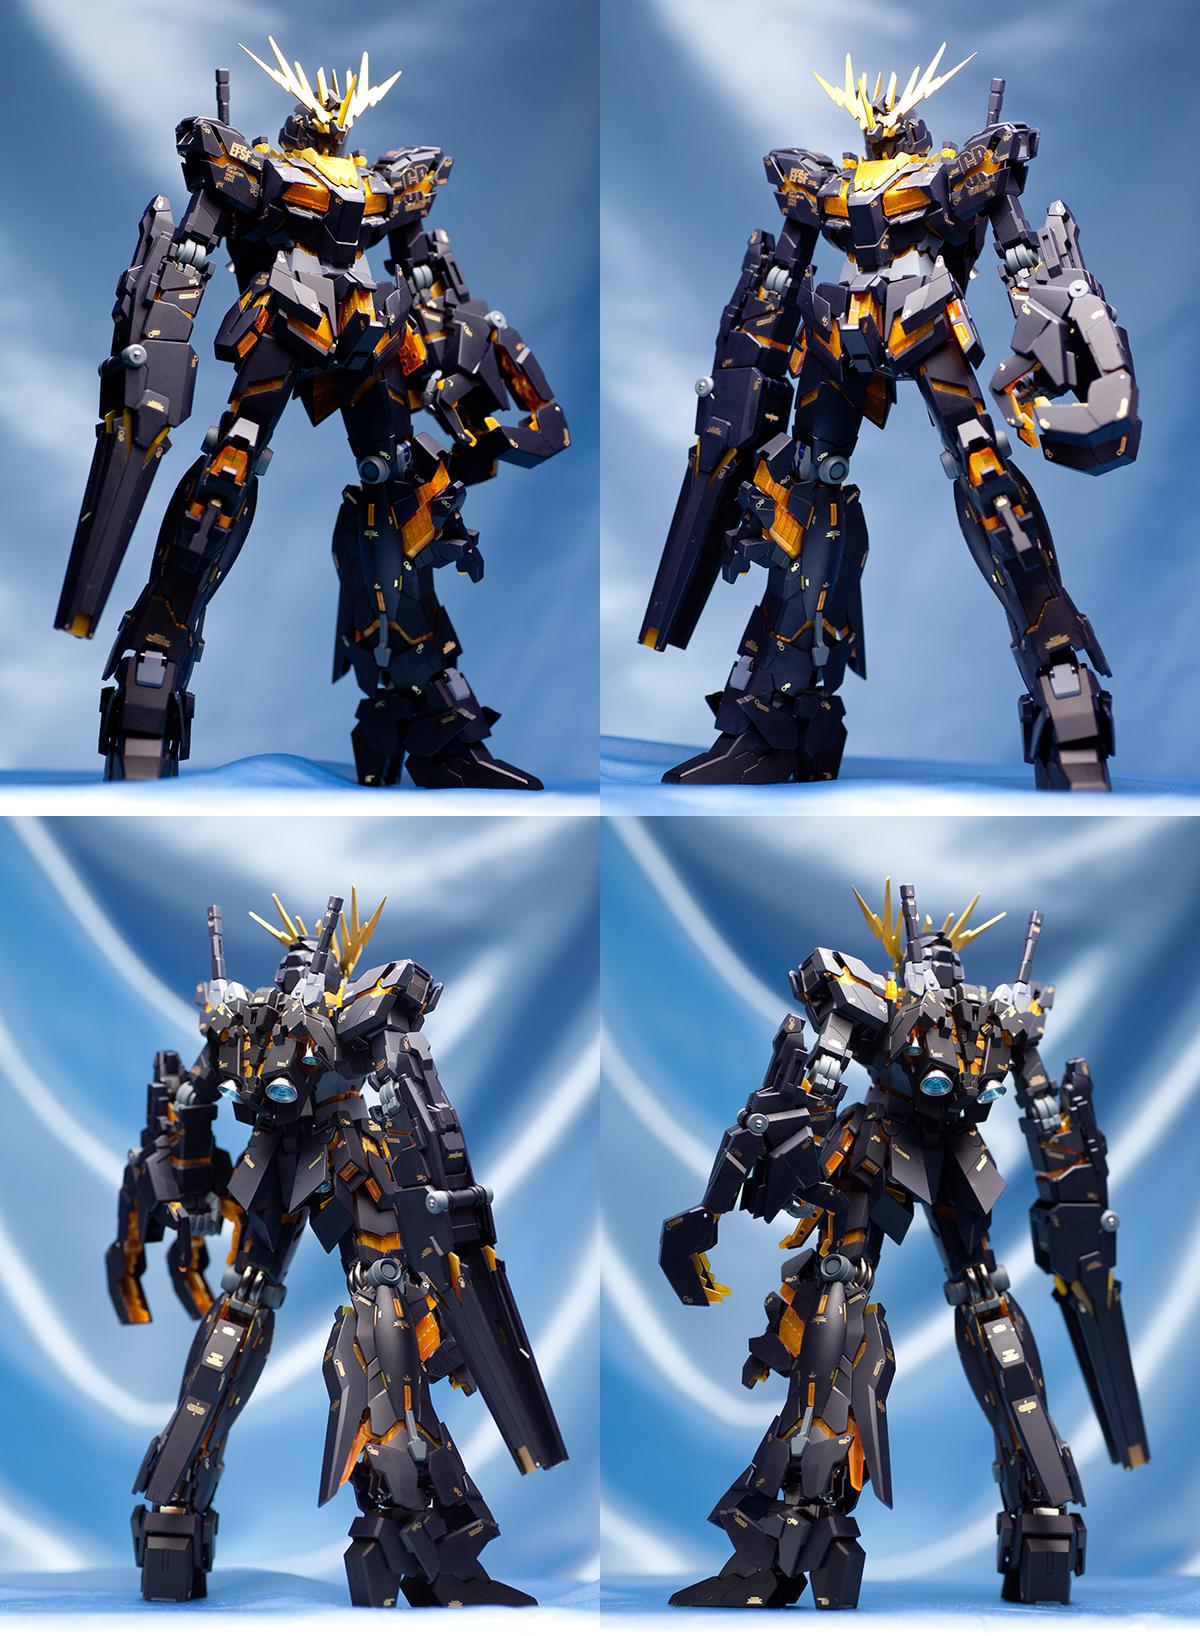 Perfect Review Mg 1 100 Rx 0 Unicorn Gundam 02 Banshee